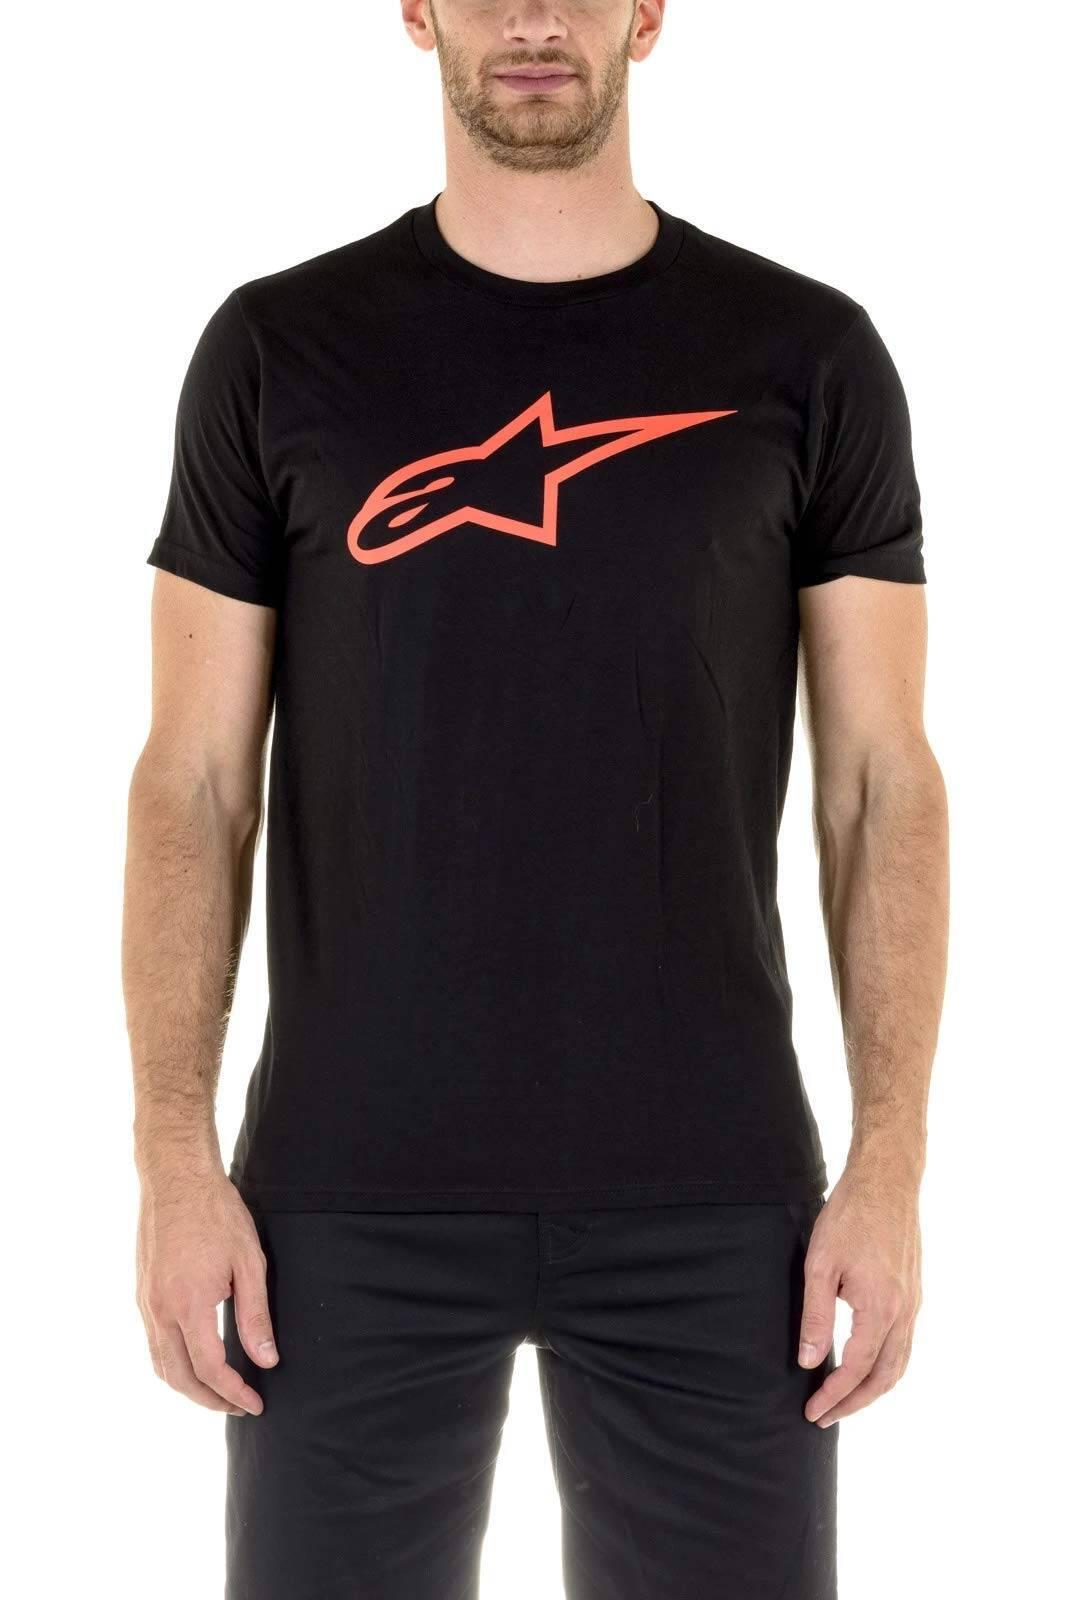 Alpinestars Ster Tee - zwart rode T-shirt voor mannen